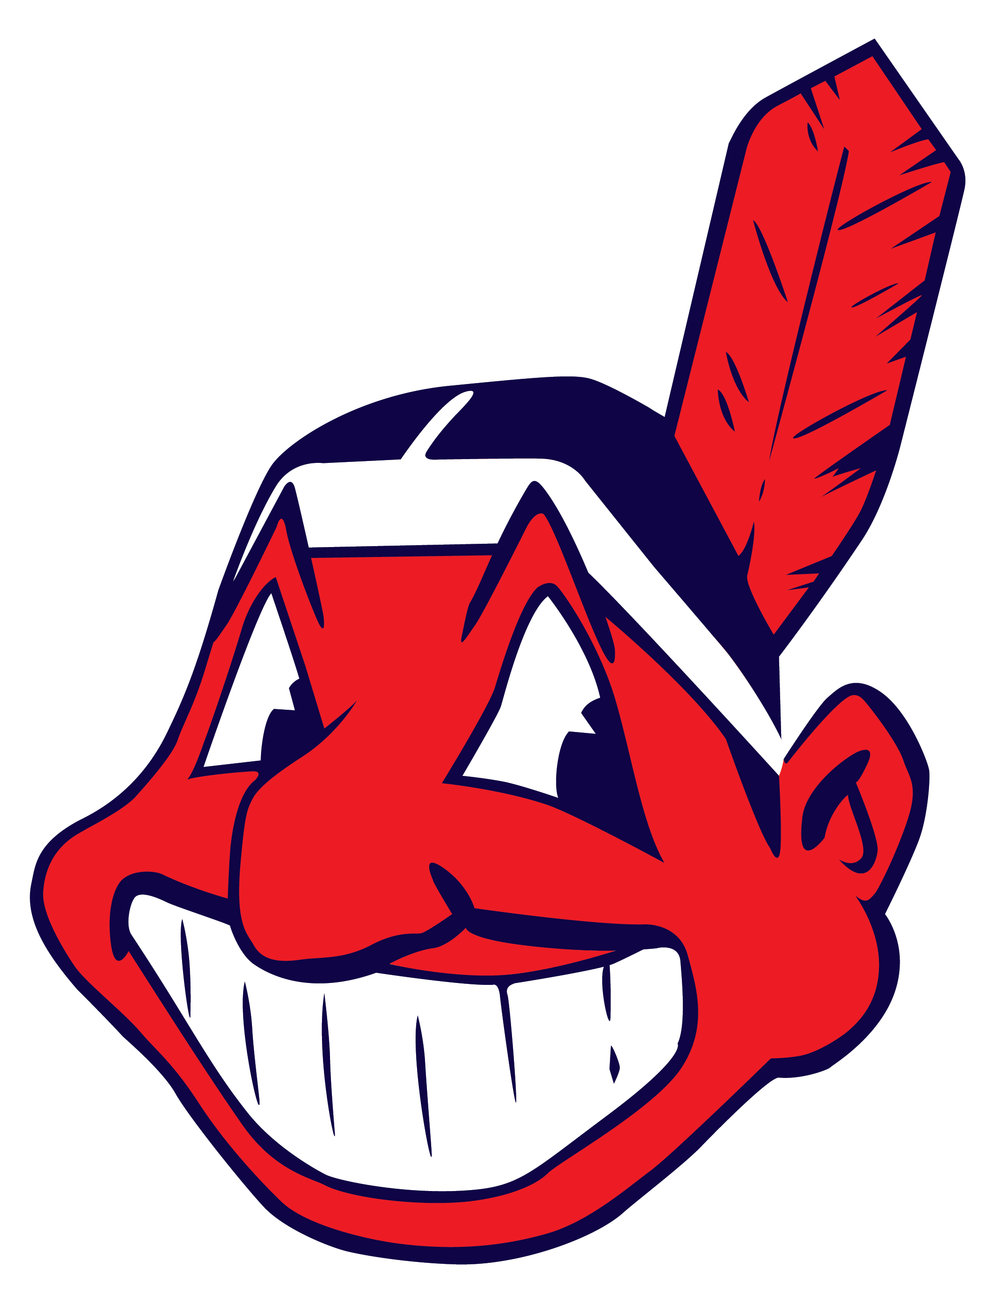 Afbeelding 6: Logo van de Cleveland Indians, genaamd 'Chief Wahoo', 1951-heden. Ontwerp Walter Goldbach, 1947. Copyright Cleveland Indians.